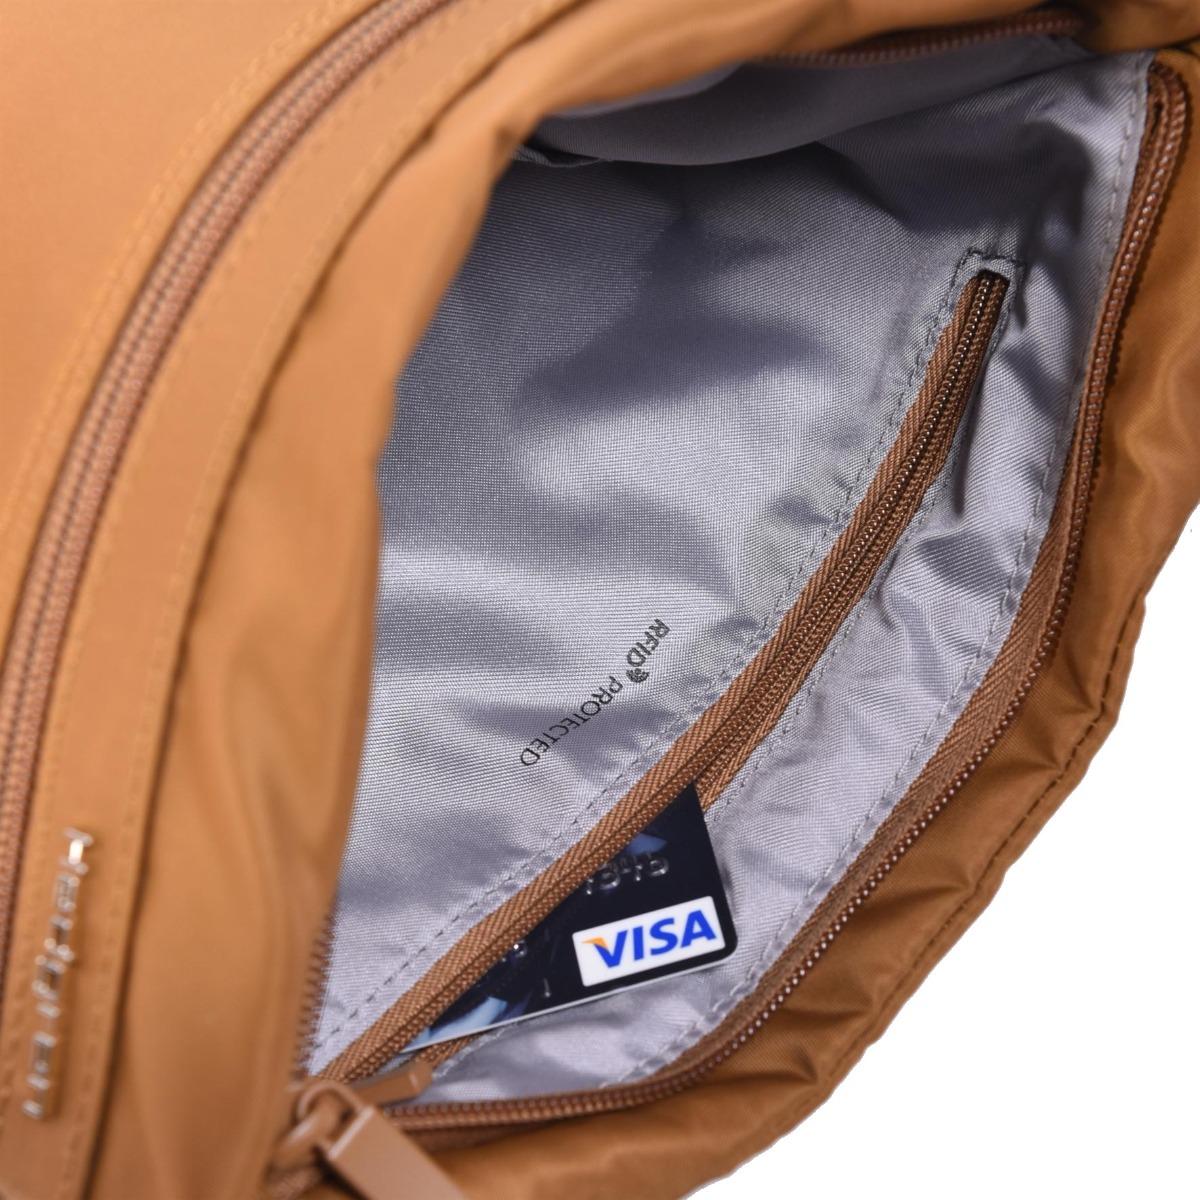 Hedgren Faith RFID Bronze.    RFID ochranná látka proti krádeži osobných údajov  hlavné vrecko na zips s bezpečnostným háčikom  nastaviteľný ramenný popruh  integrovaný organizér  tri vonkajšie vrecká na zips  farebne zladené detaily  vodoodpudivý a prachuvzdorný materiál